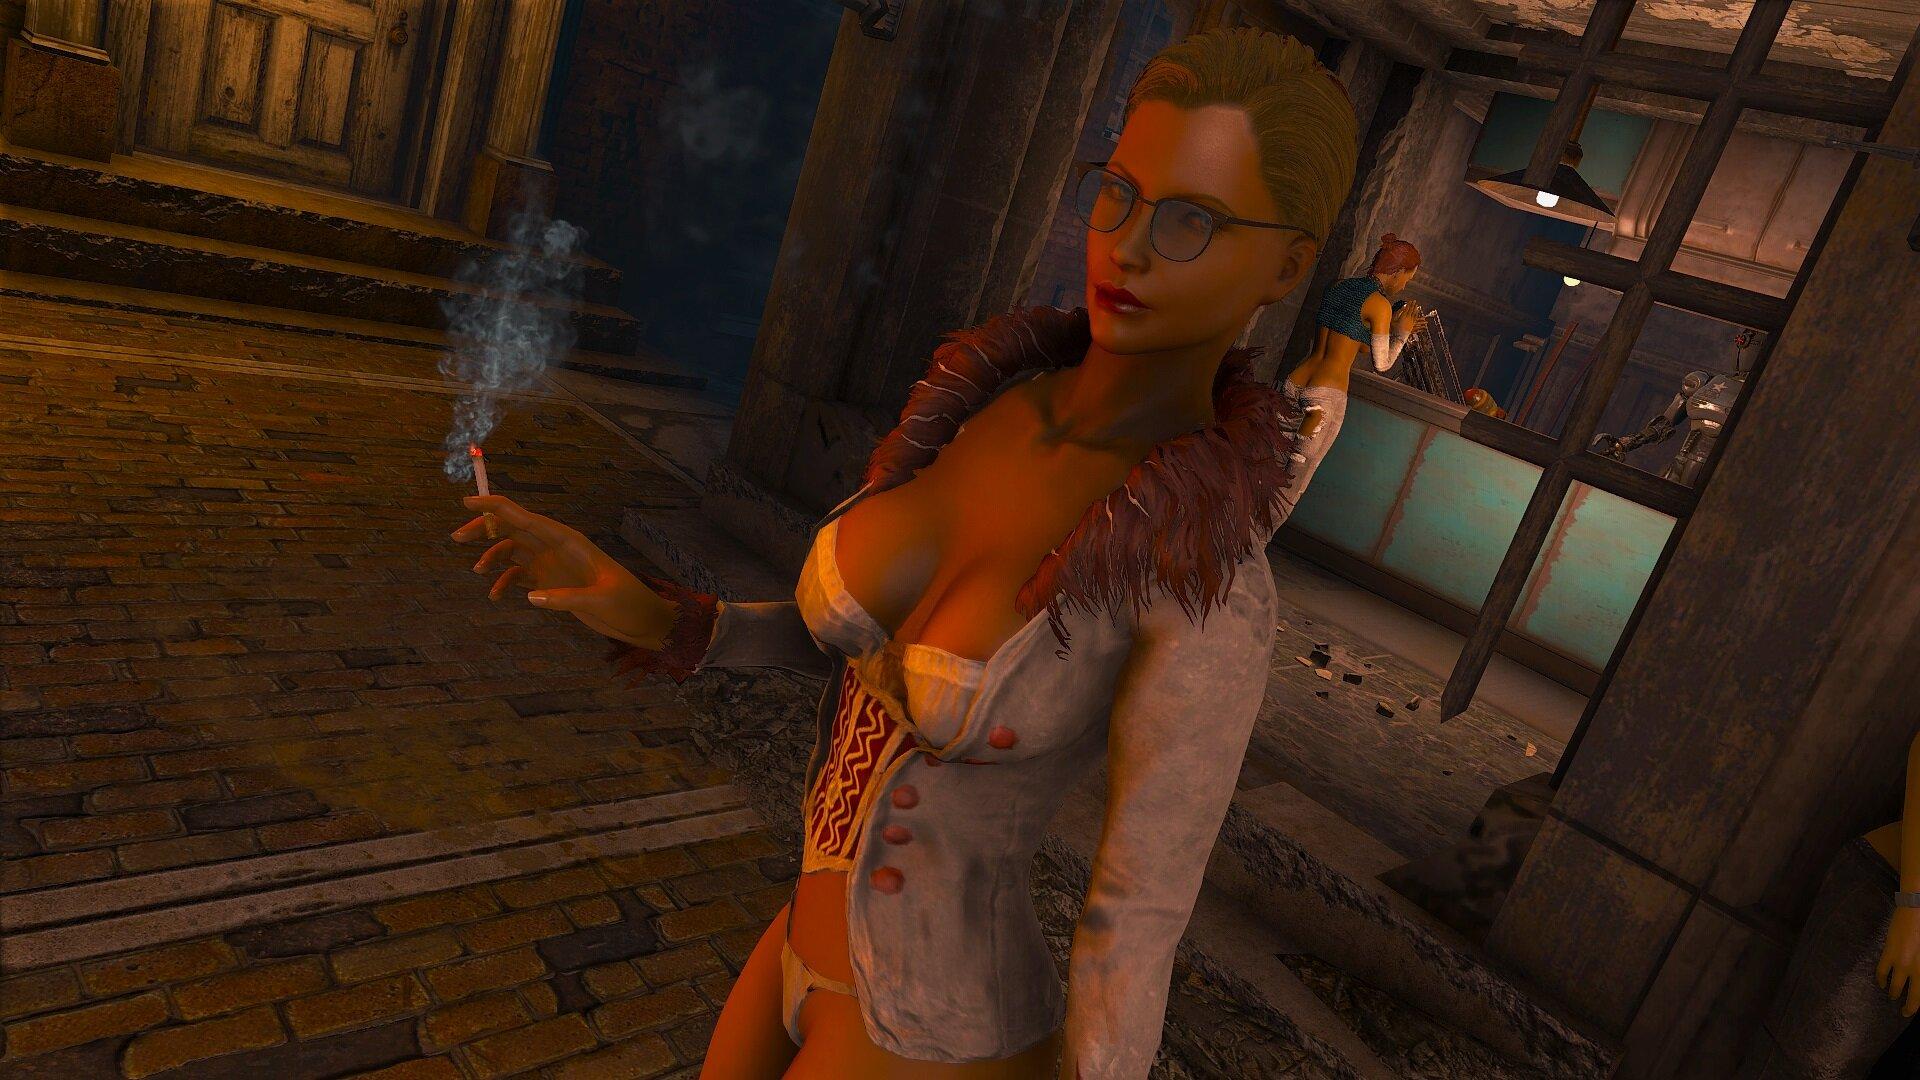 Fallout4 Айви, ночь в Добрососедстве